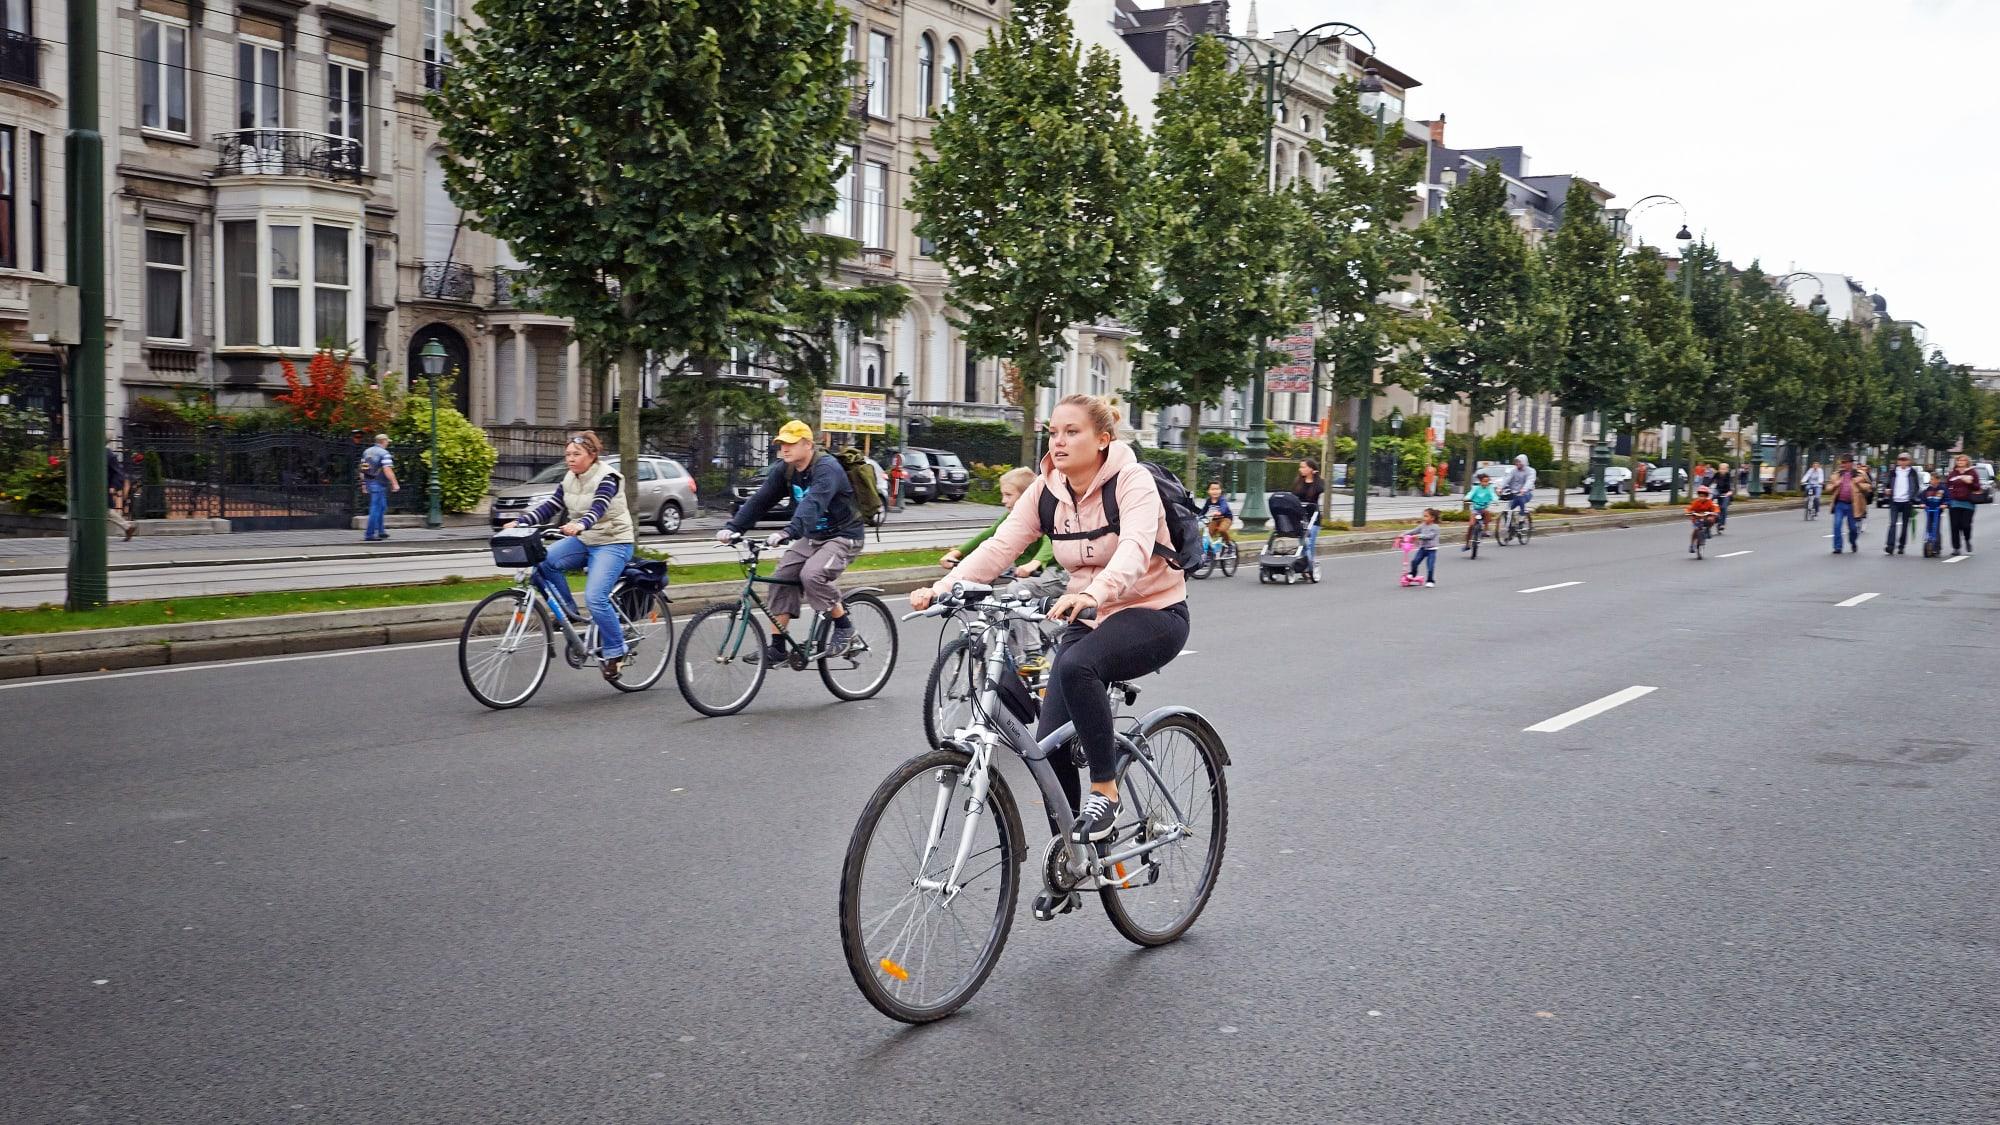 Radfahrer auf einer Straße in Brüssel